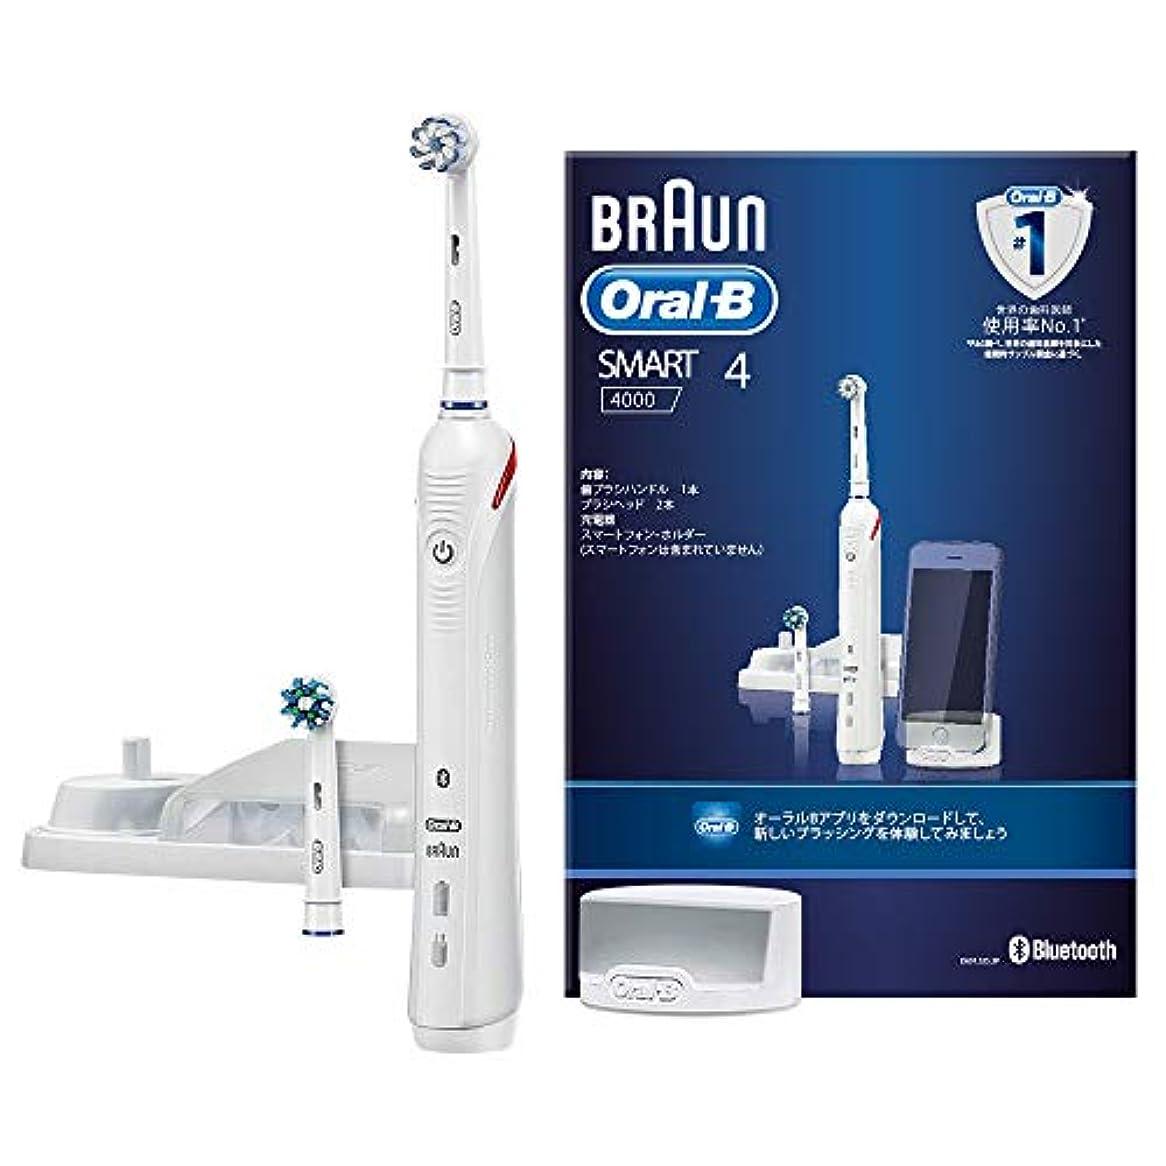 容量トリップ慈悲ブラウン オーラルB 電動歯ブラシ スマート4000 D6015253P